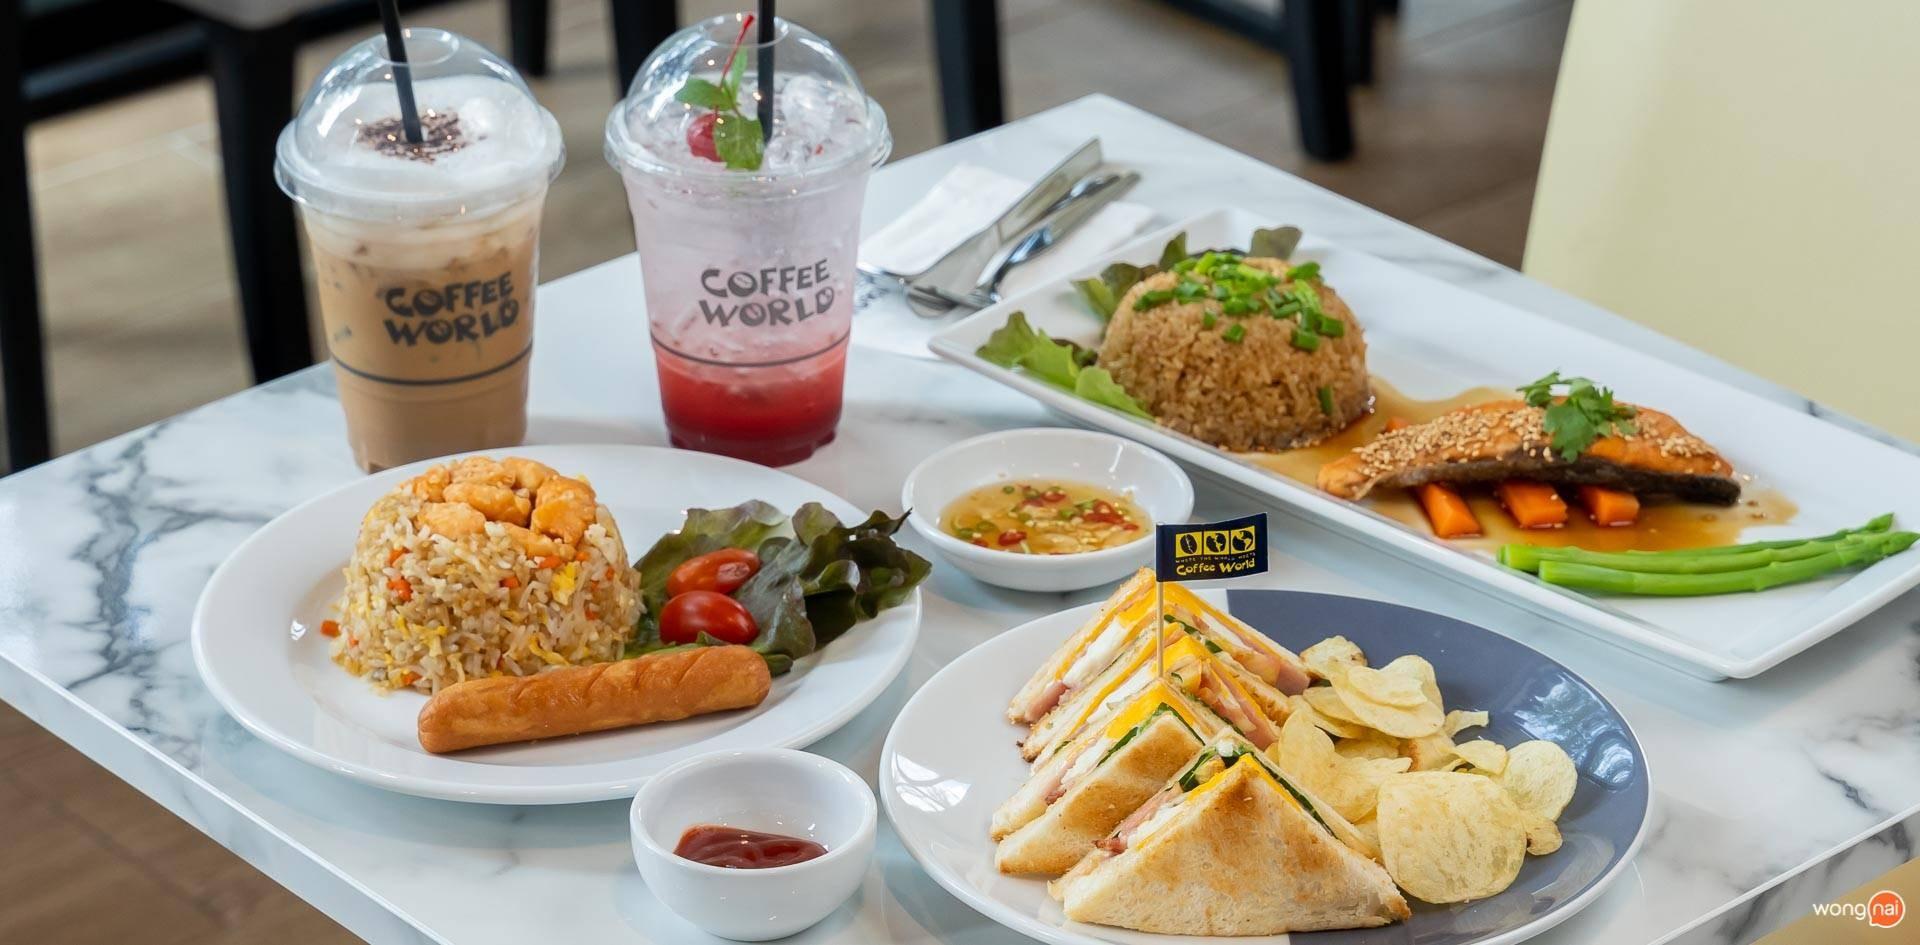 Coffee World Restaurant